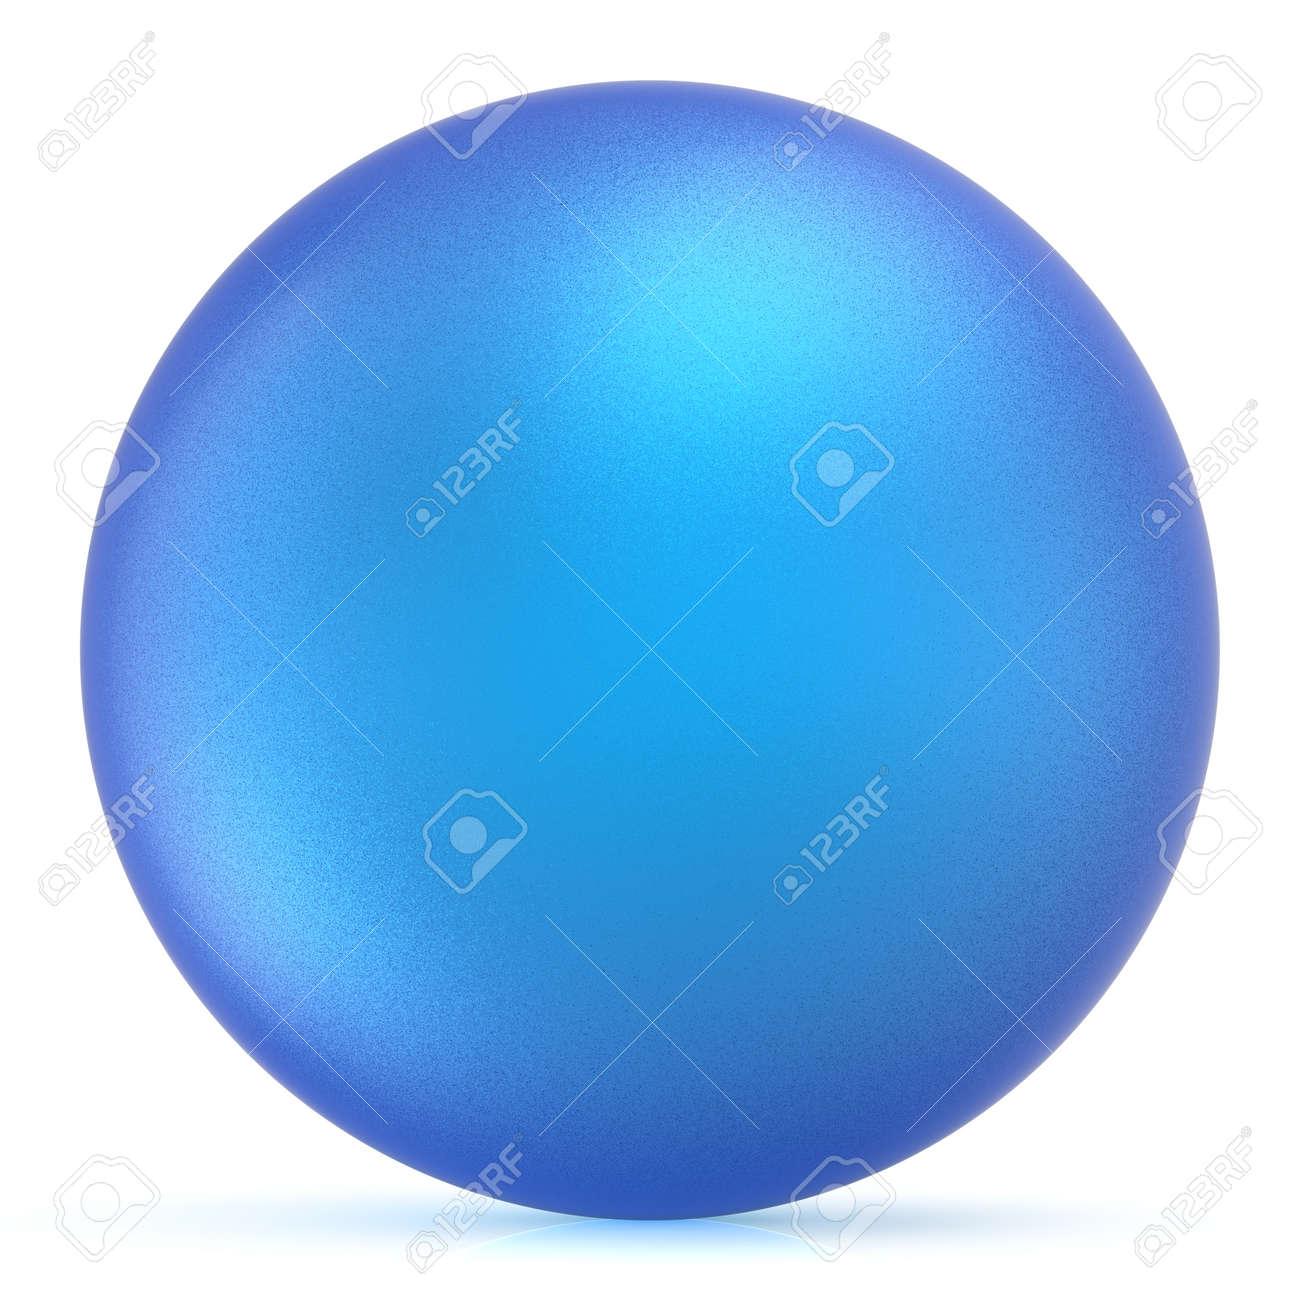 Sphère Bouton Rond Balle Bleue Base Enroulé Cercle Forme Géométrique Solide Figure Simple Minimaliste Atome Unique Objet Cyan Vide Ballon Icône élément De Conception Illustration 3d Isolée Banque D Images Et Photos Libres